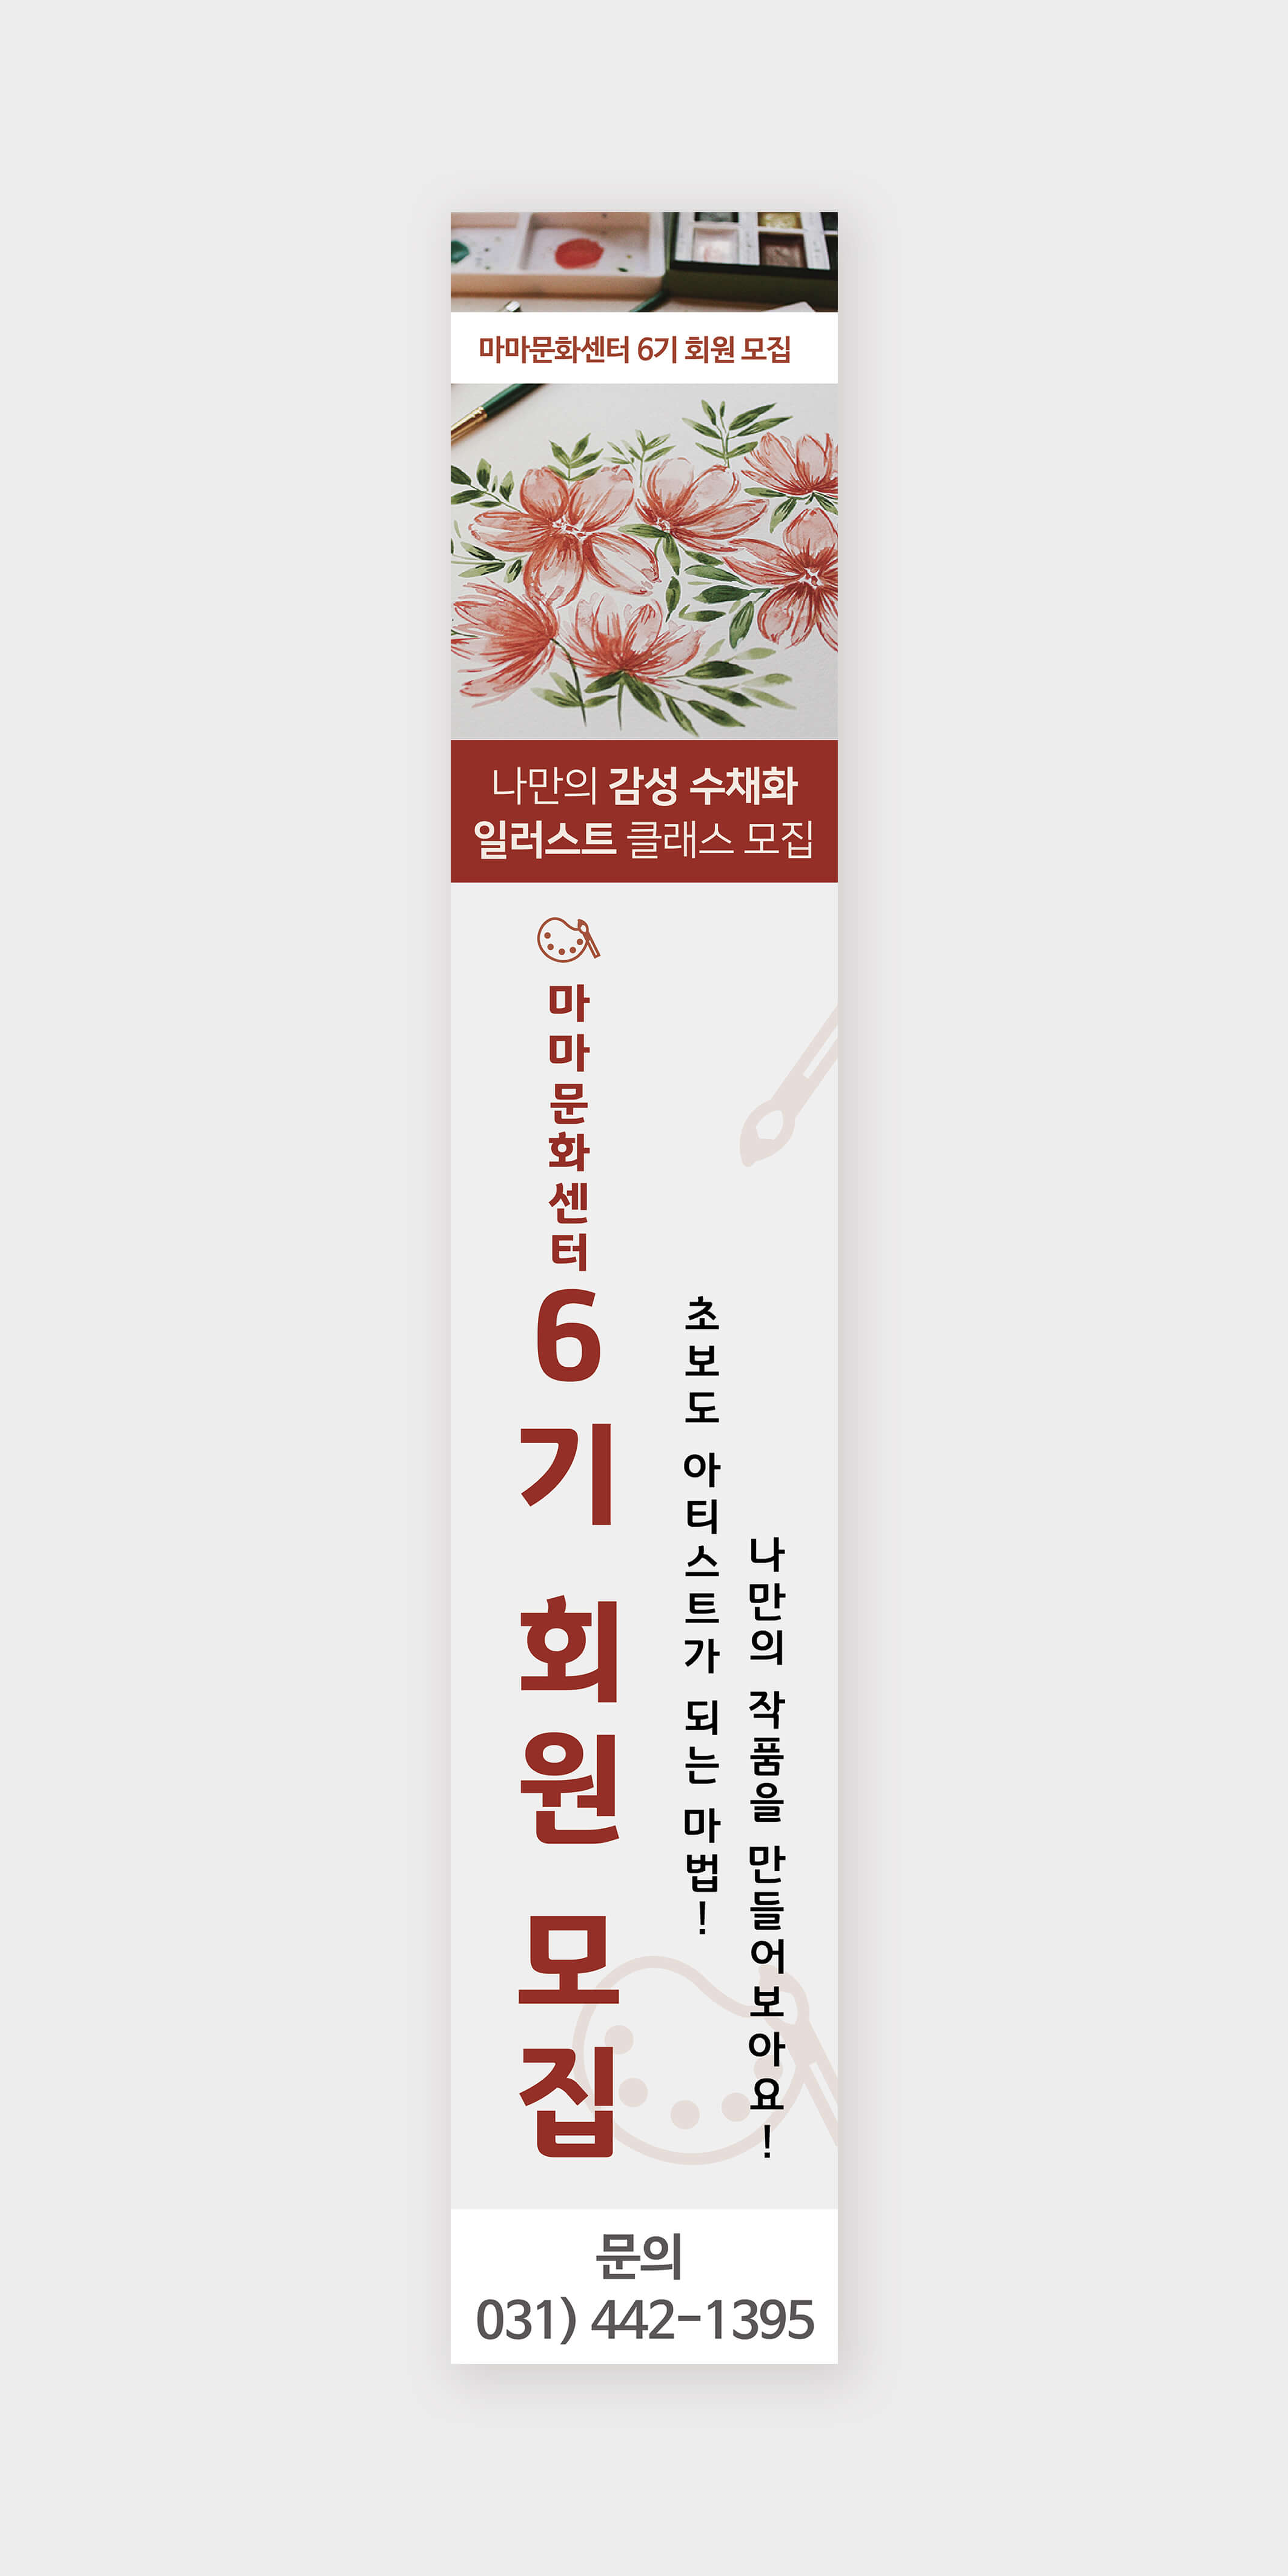 현수막_314